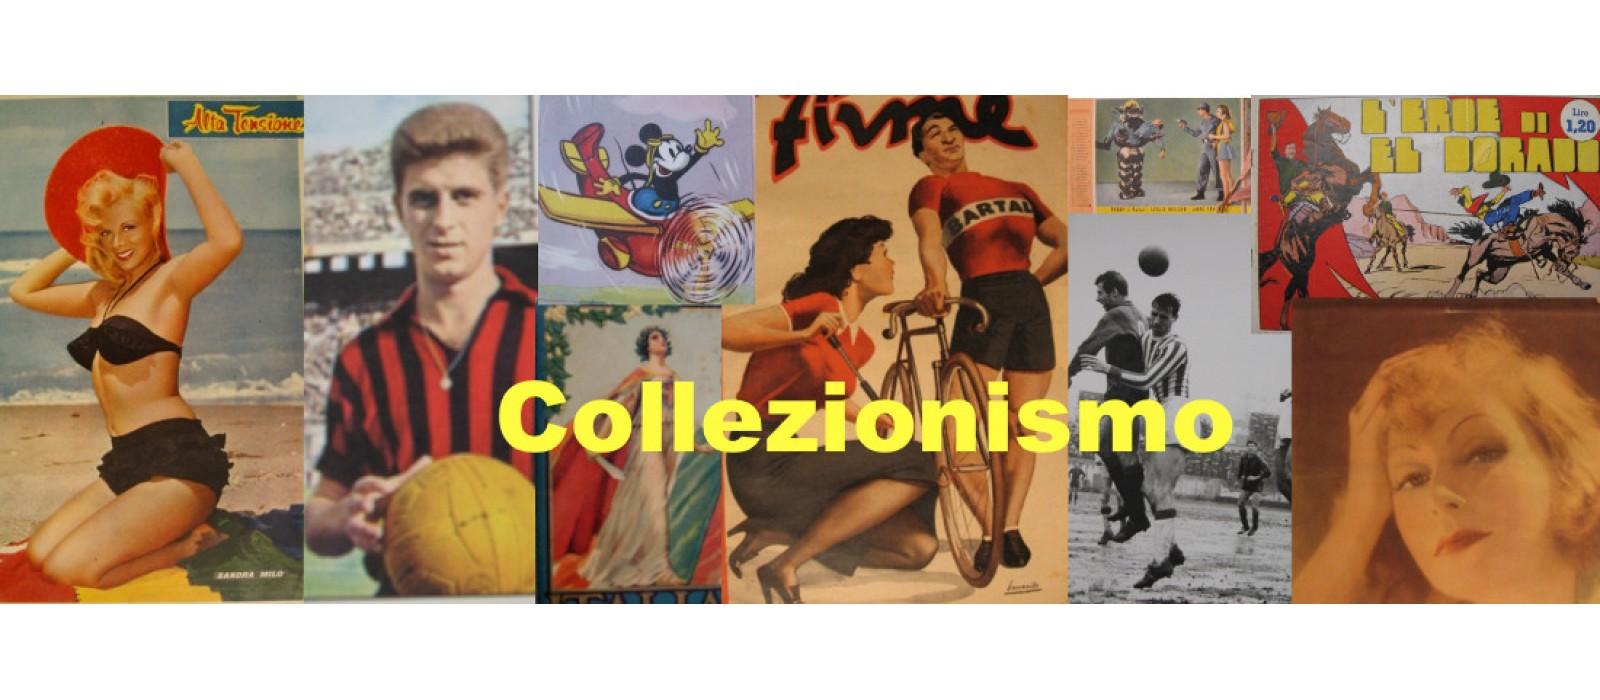 Collezionismo